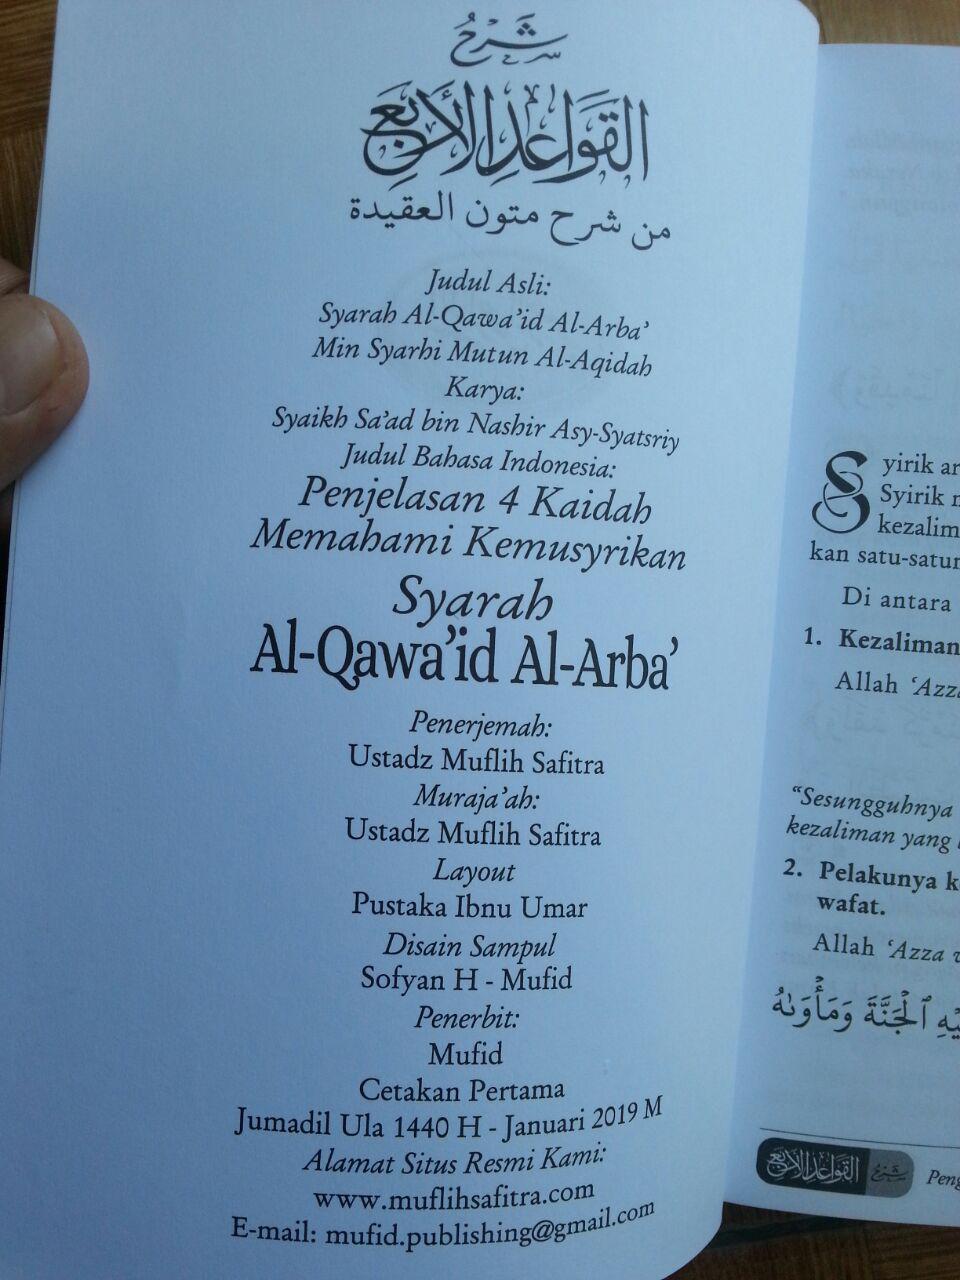 Buku Syarah al-Qawa'id al-Arba' 4 Kaidah Memahami Kemusyrikan isi 2